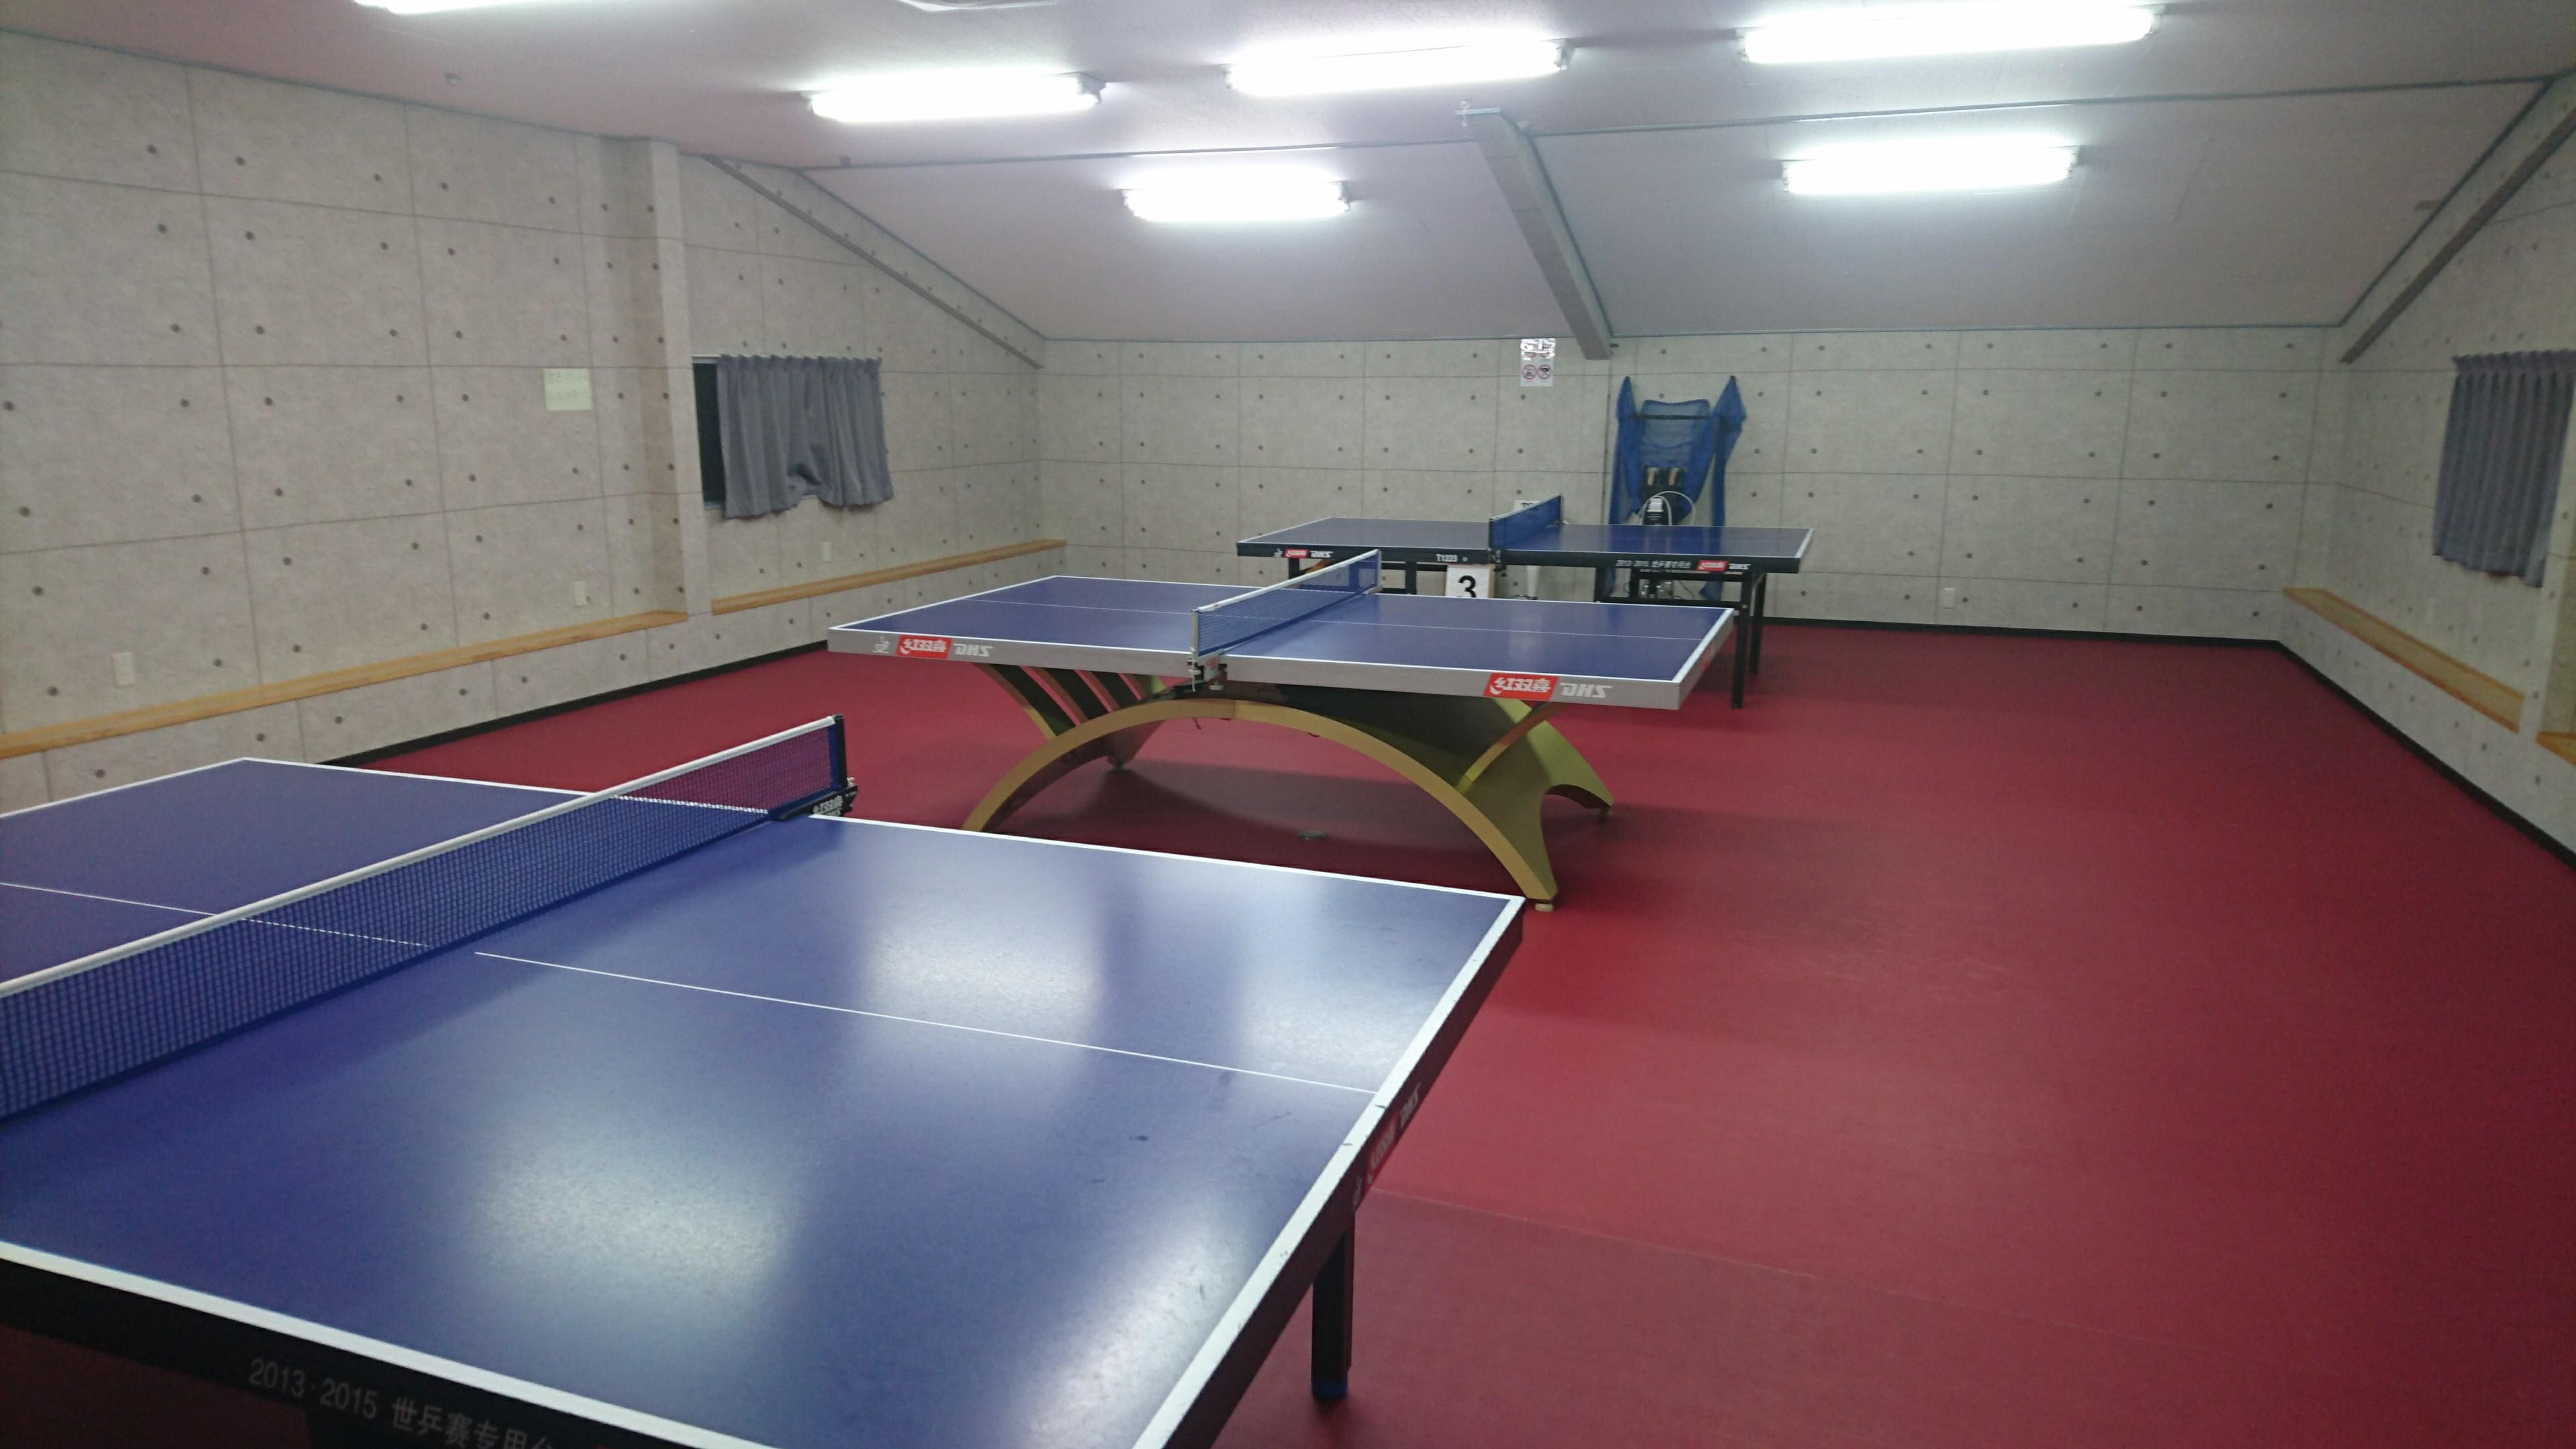 卓球台レンタルもレッスンも営業日、営業時間内であればいつでもいけます。のイメージ